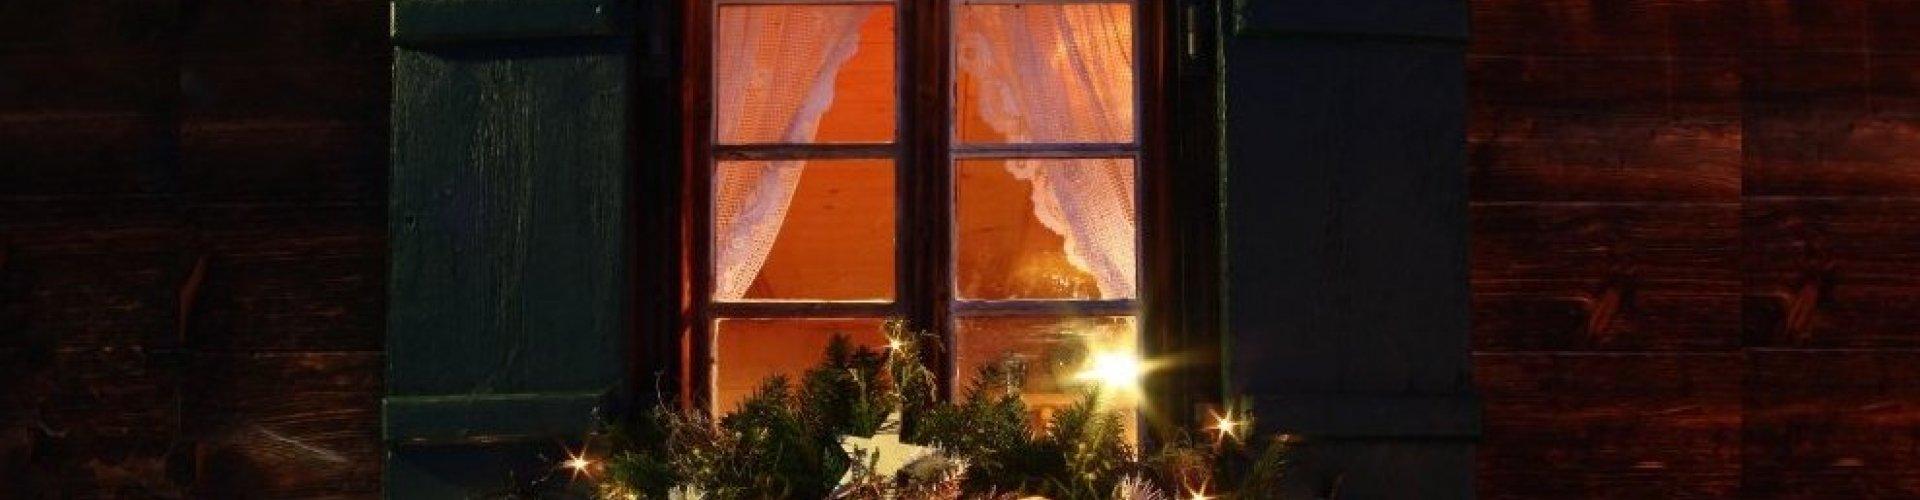 familienurlaub weihnachten weihnachtsurlaub mit kindern. Black Bedroom Furniture Sets. Home Design Ideas